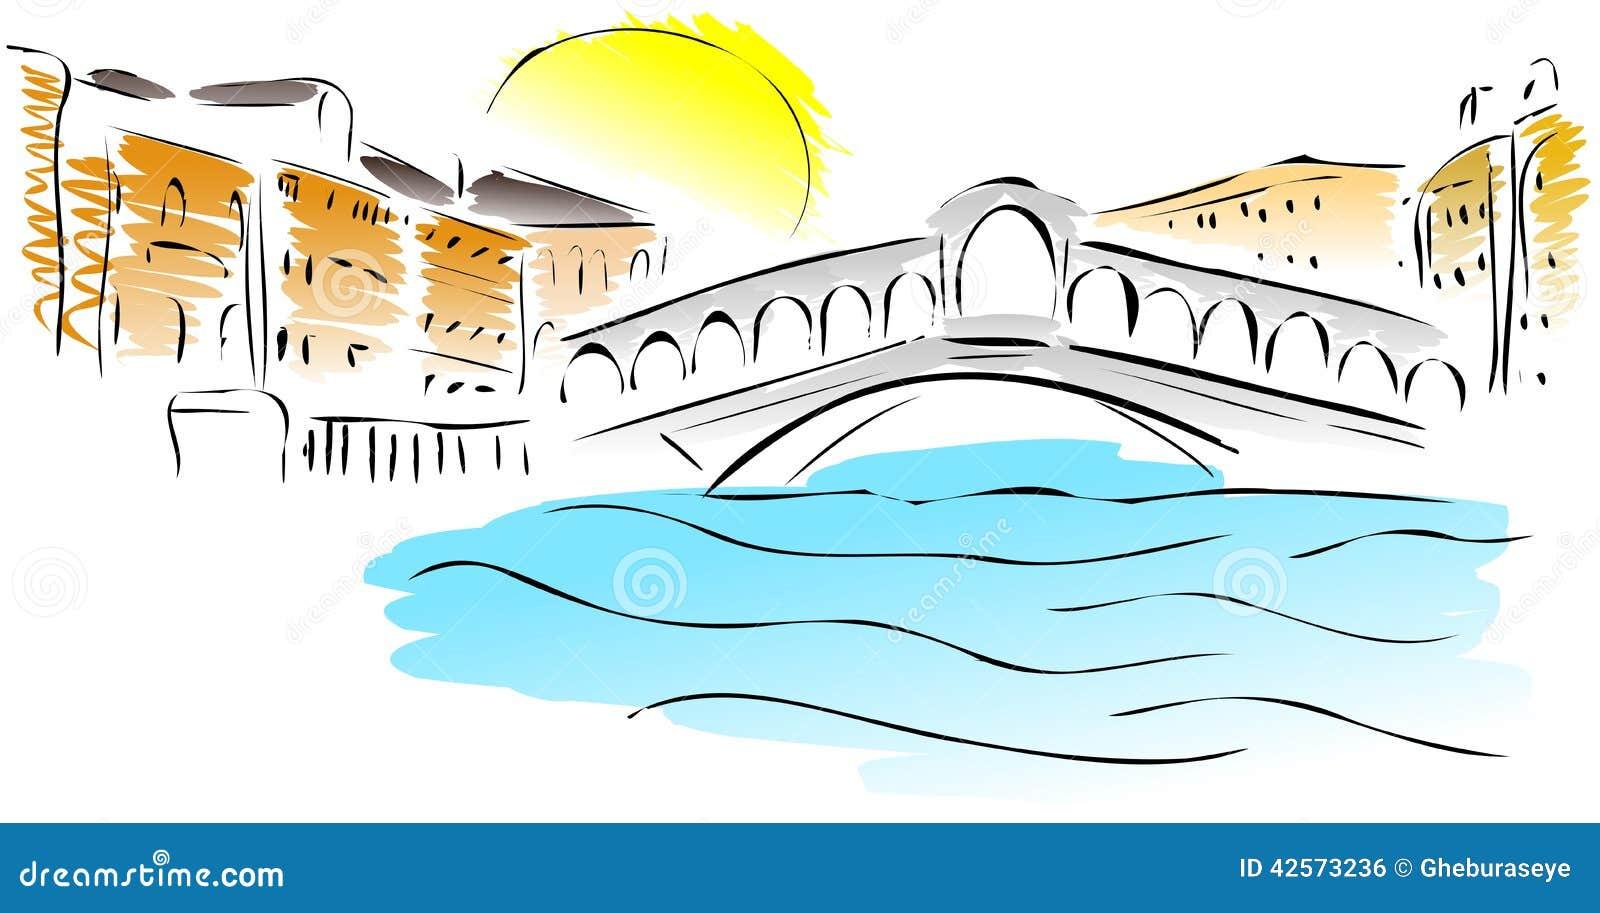 Schizzo del ponte di rialto illustrazione di stock for Ponte sopra i disegni del garage